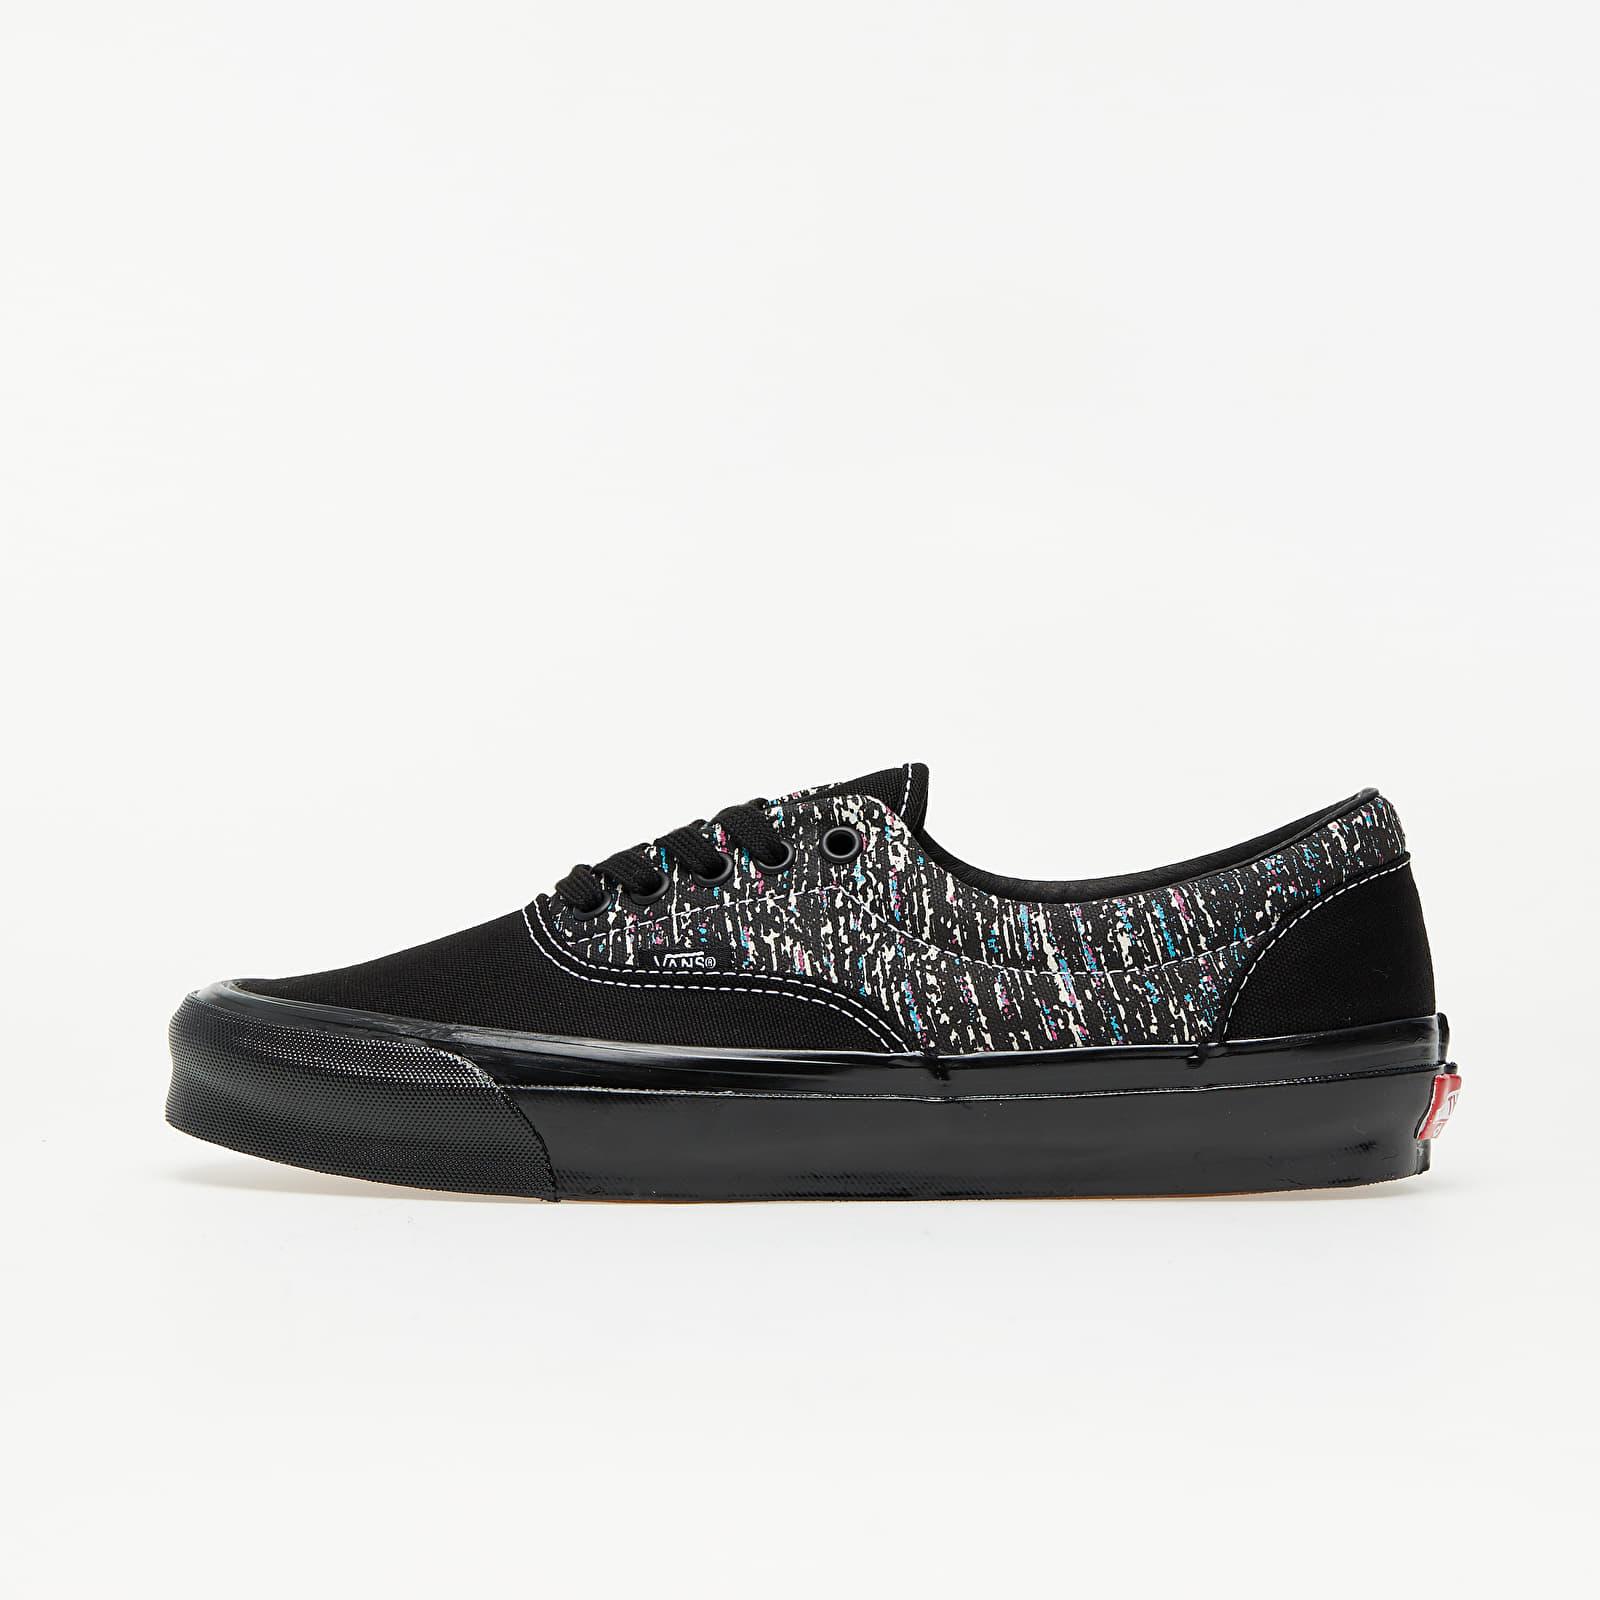 Men's shoes Vans OG Era LX (OG Static Print) Black/ Black